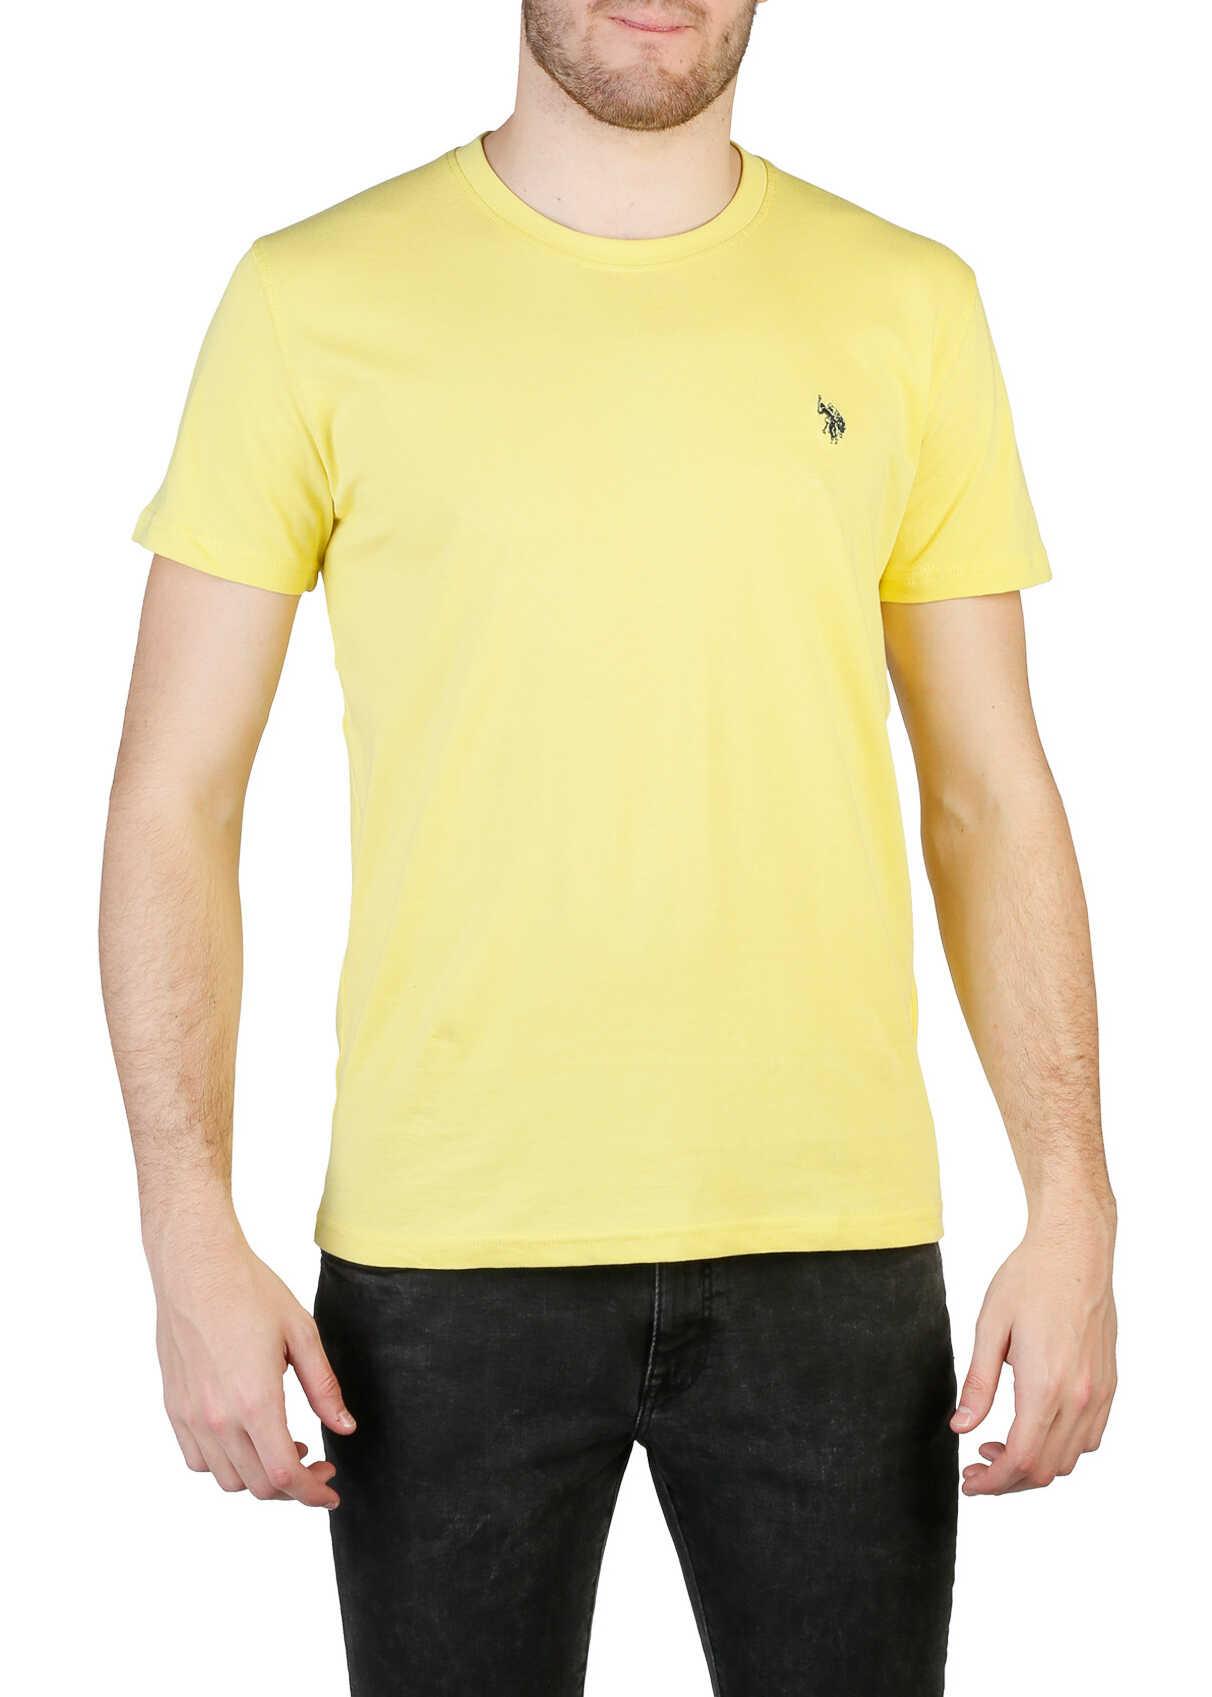 U.S. POLO ASSN. 50039_49351 Yellow